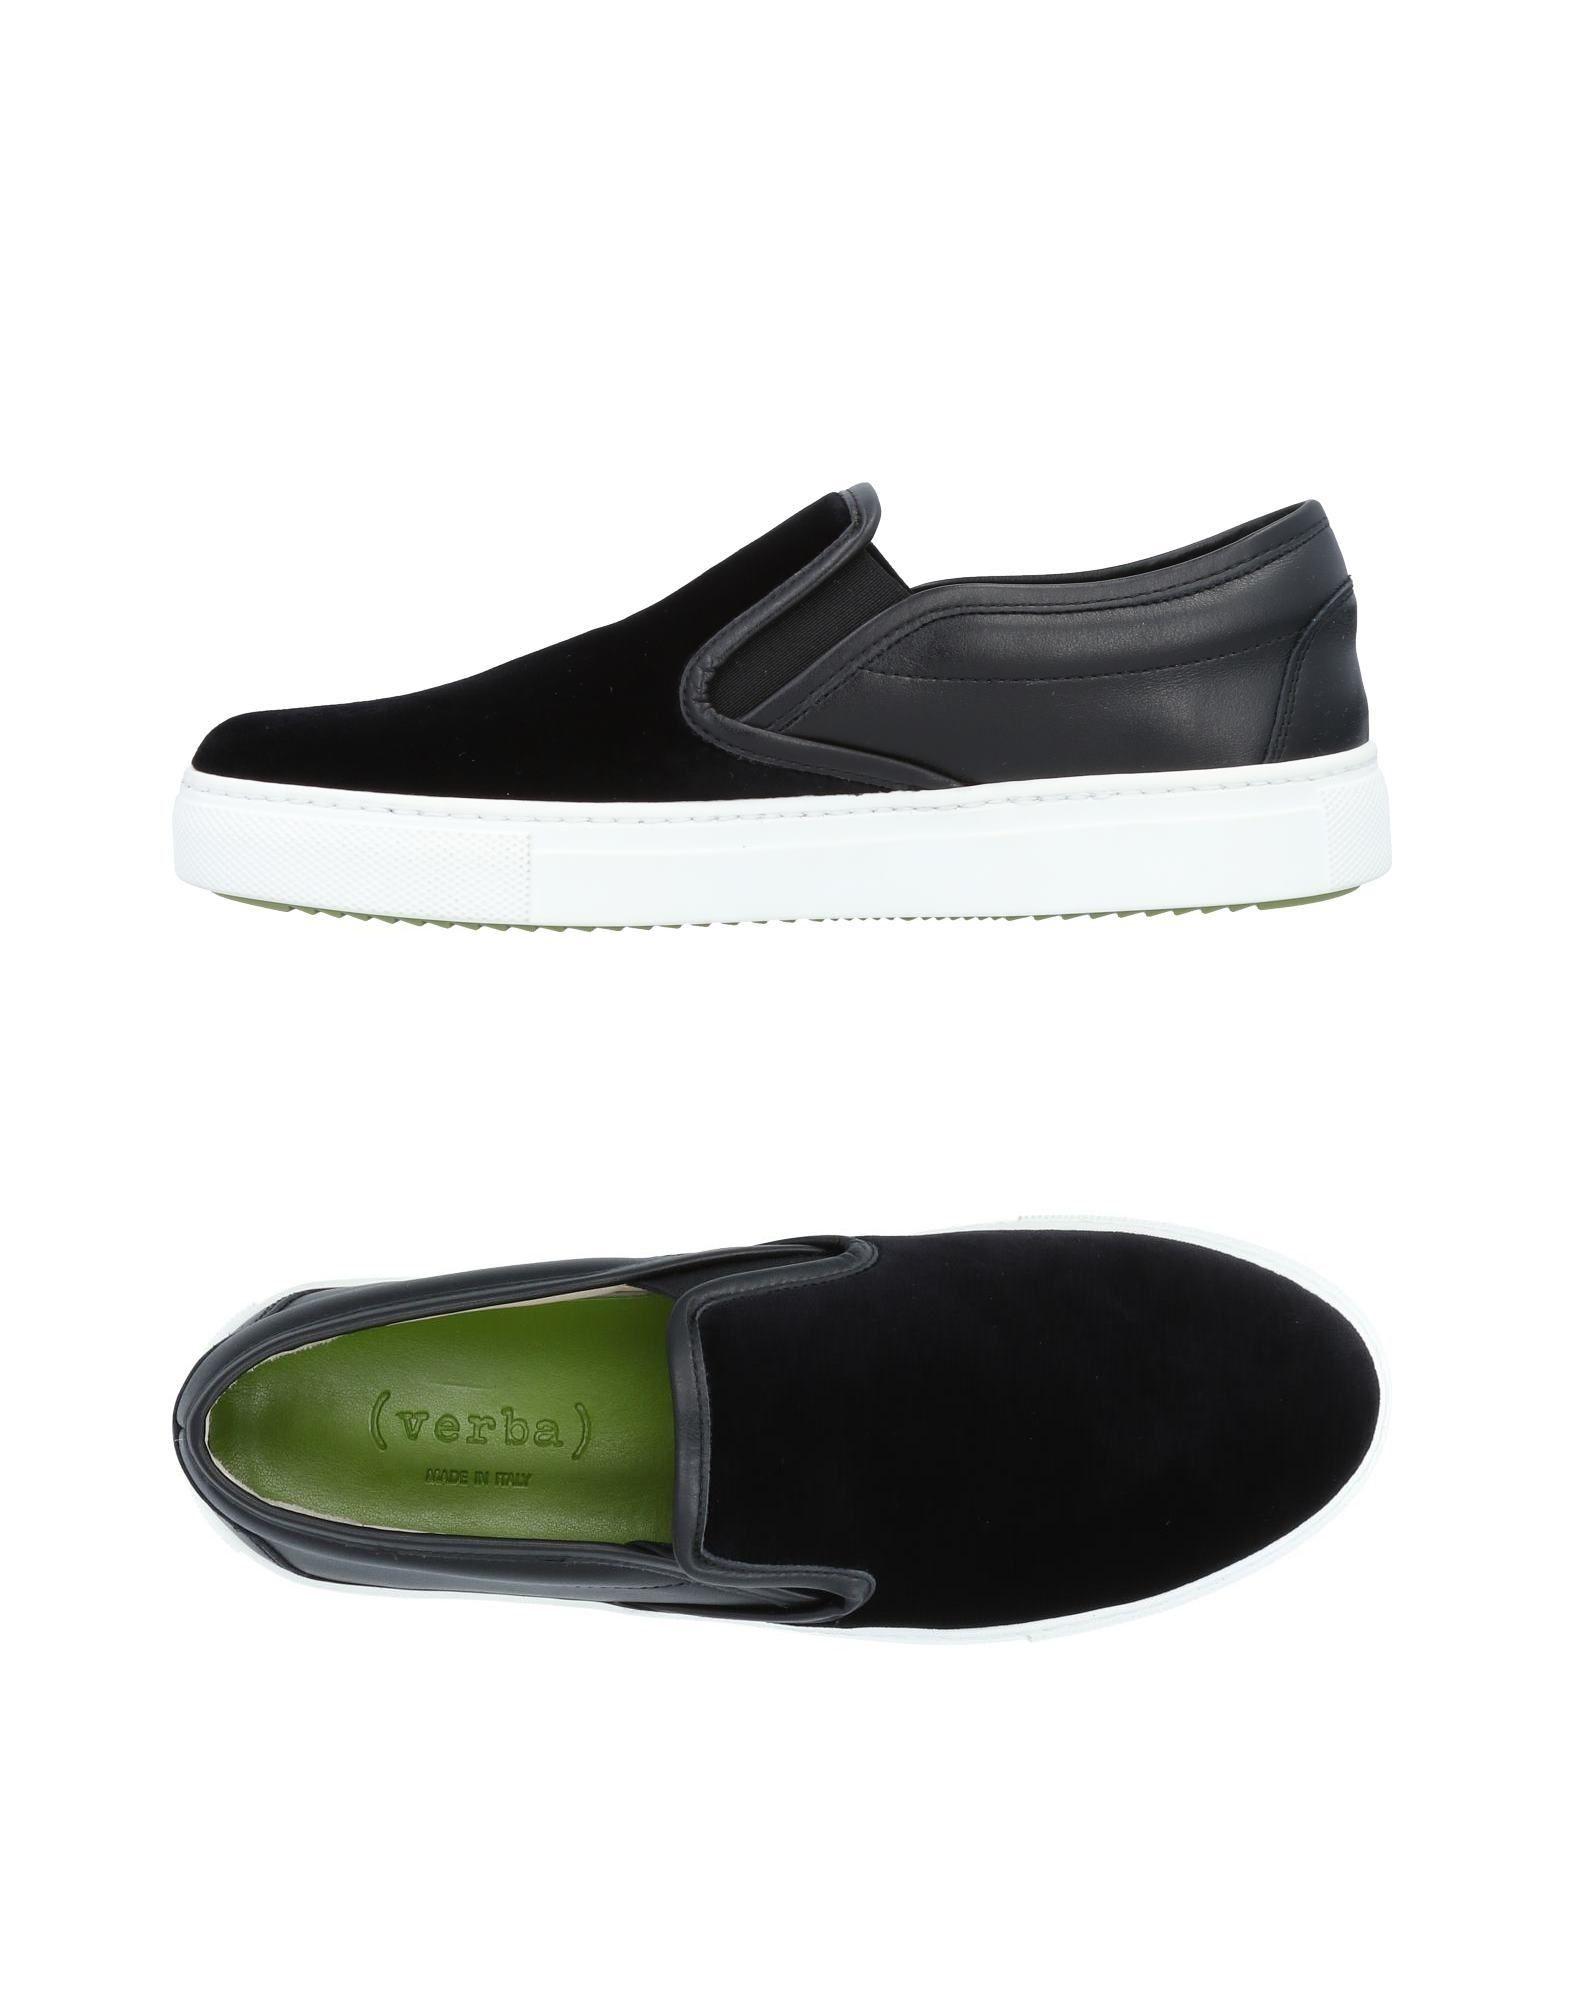 ( Verba ) Sneakers Herren  11484359UD